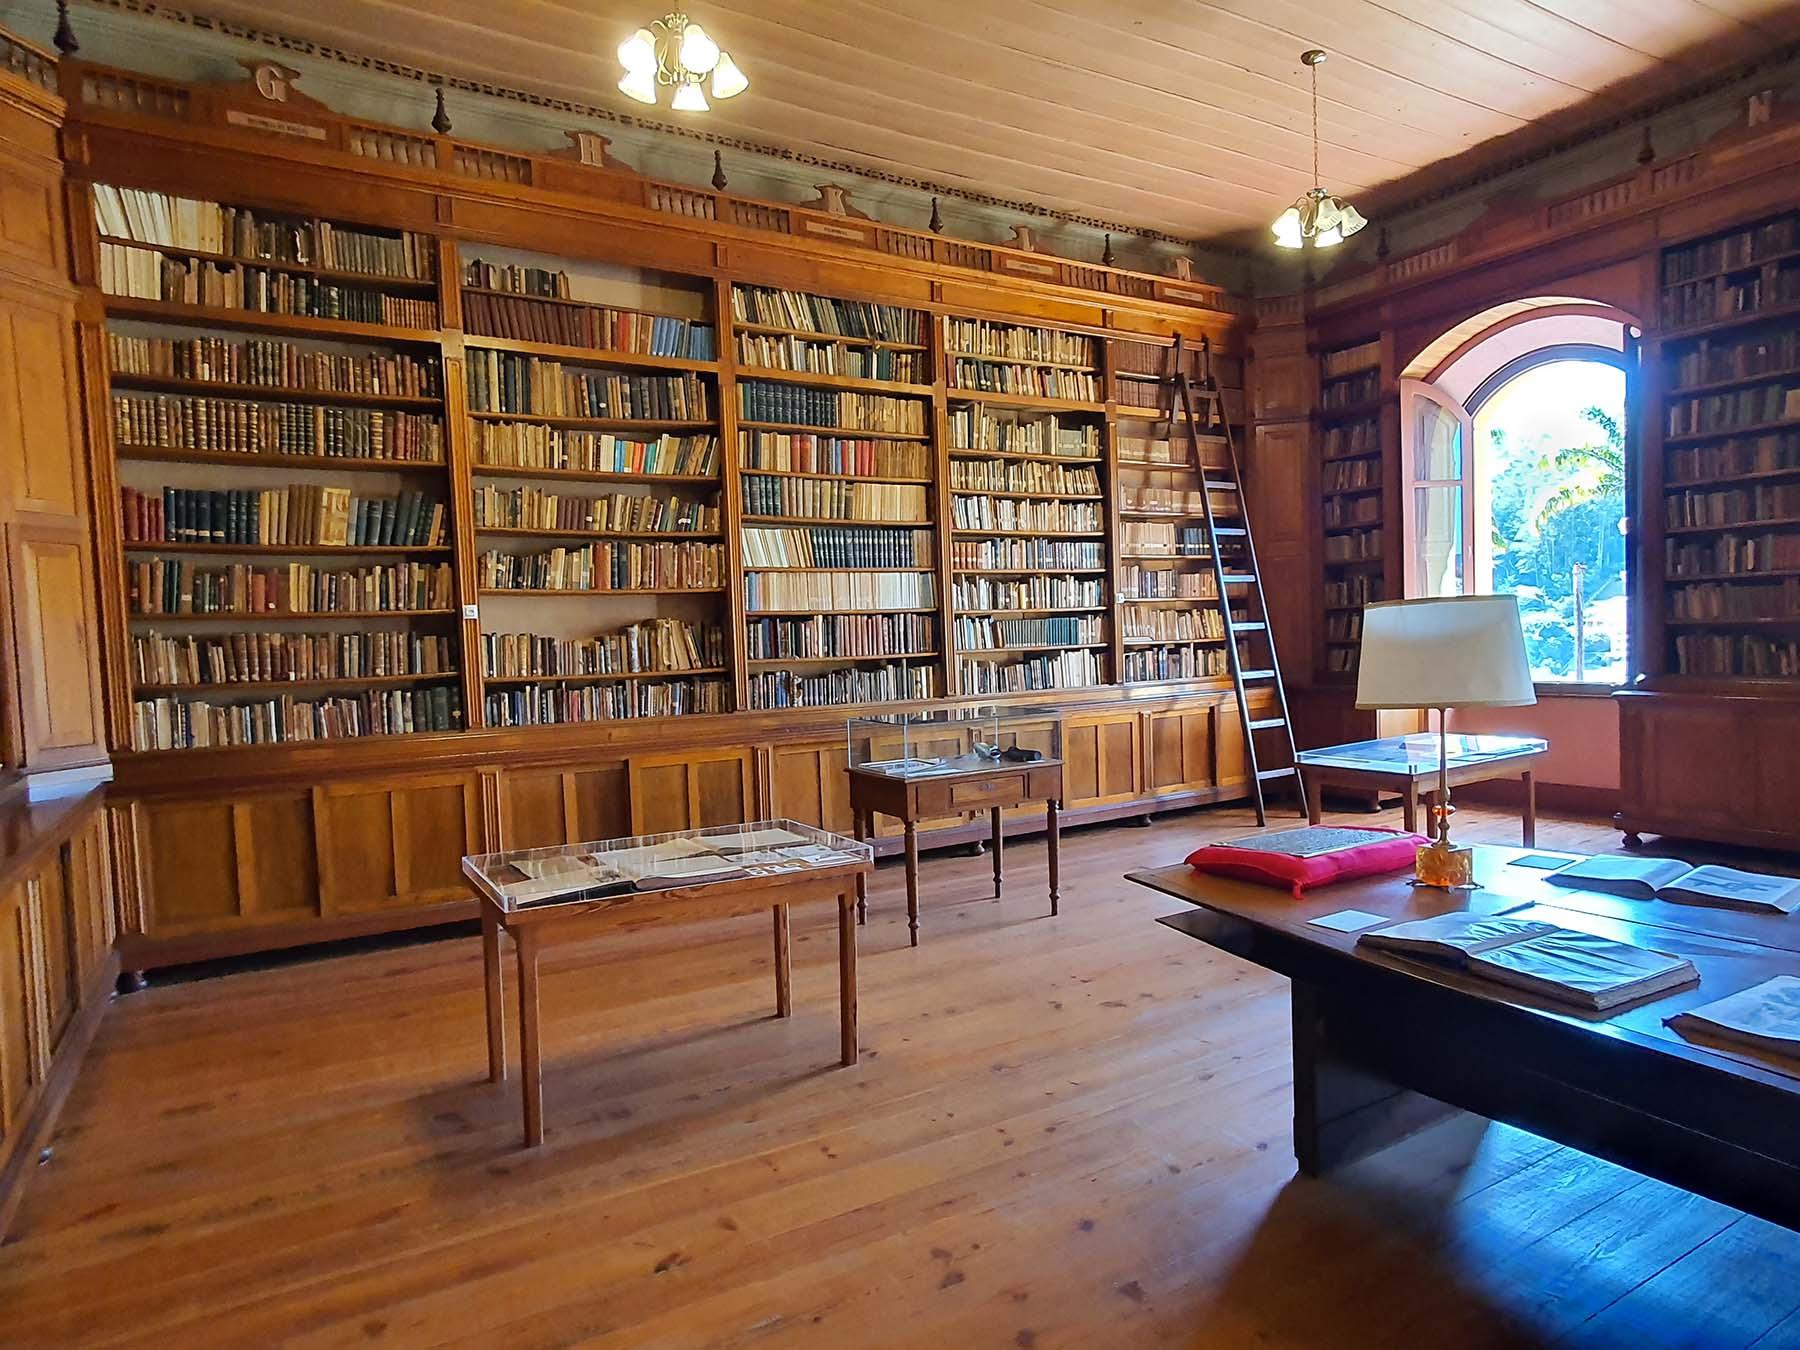 Biblioteca do colégio Anchieta em Nova Friburgo